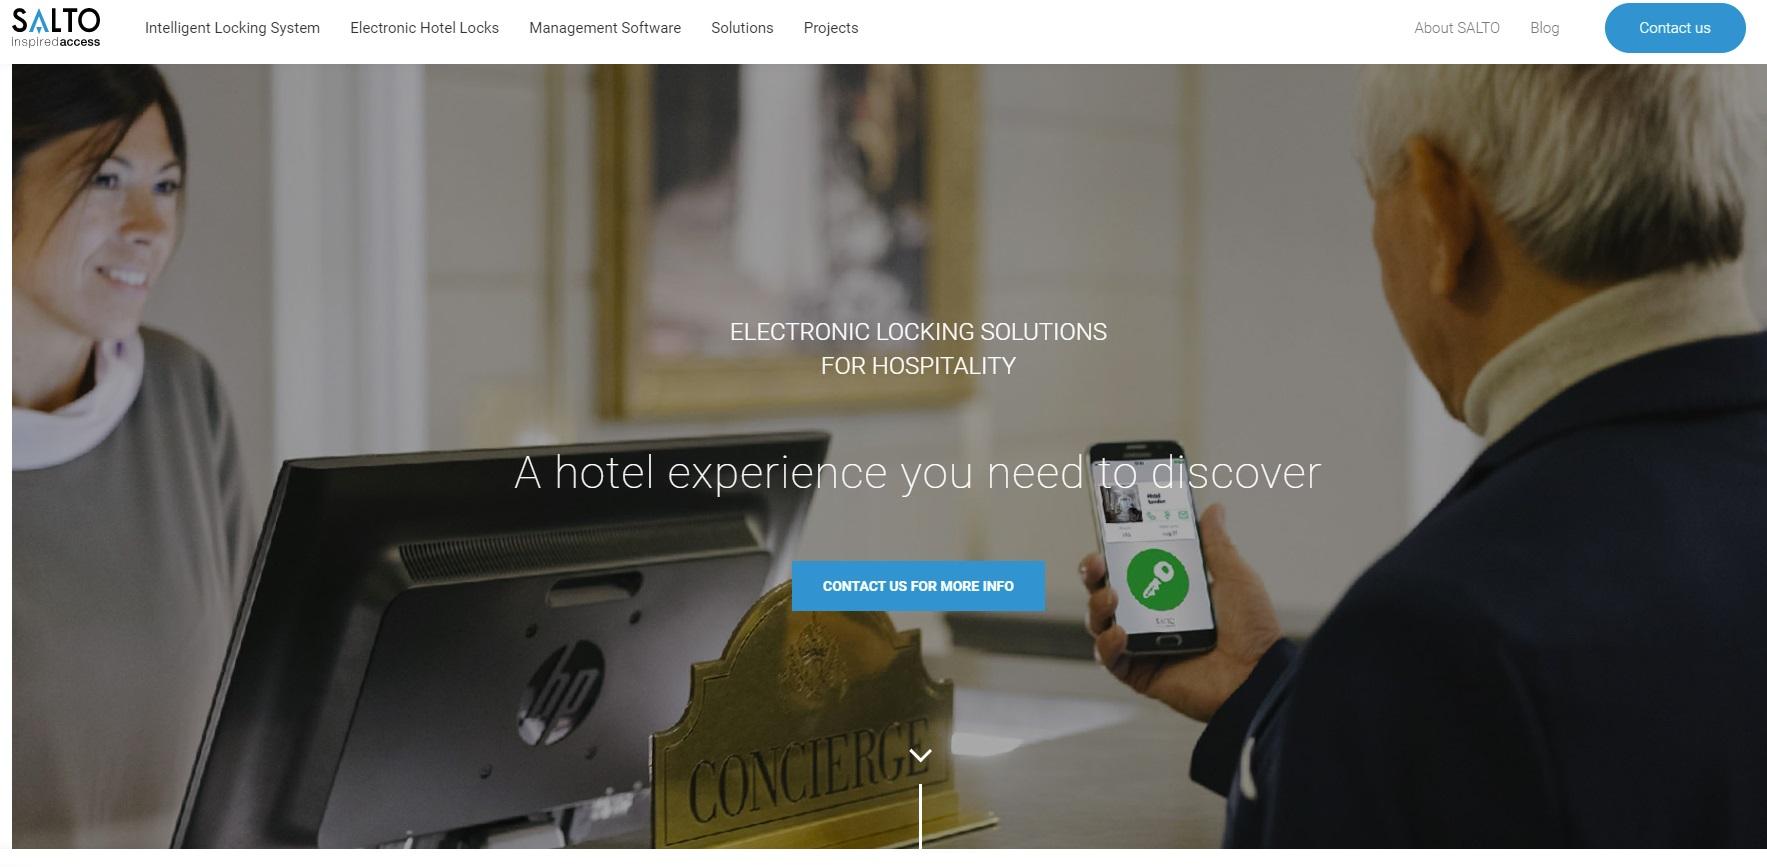 Salto website screenshot